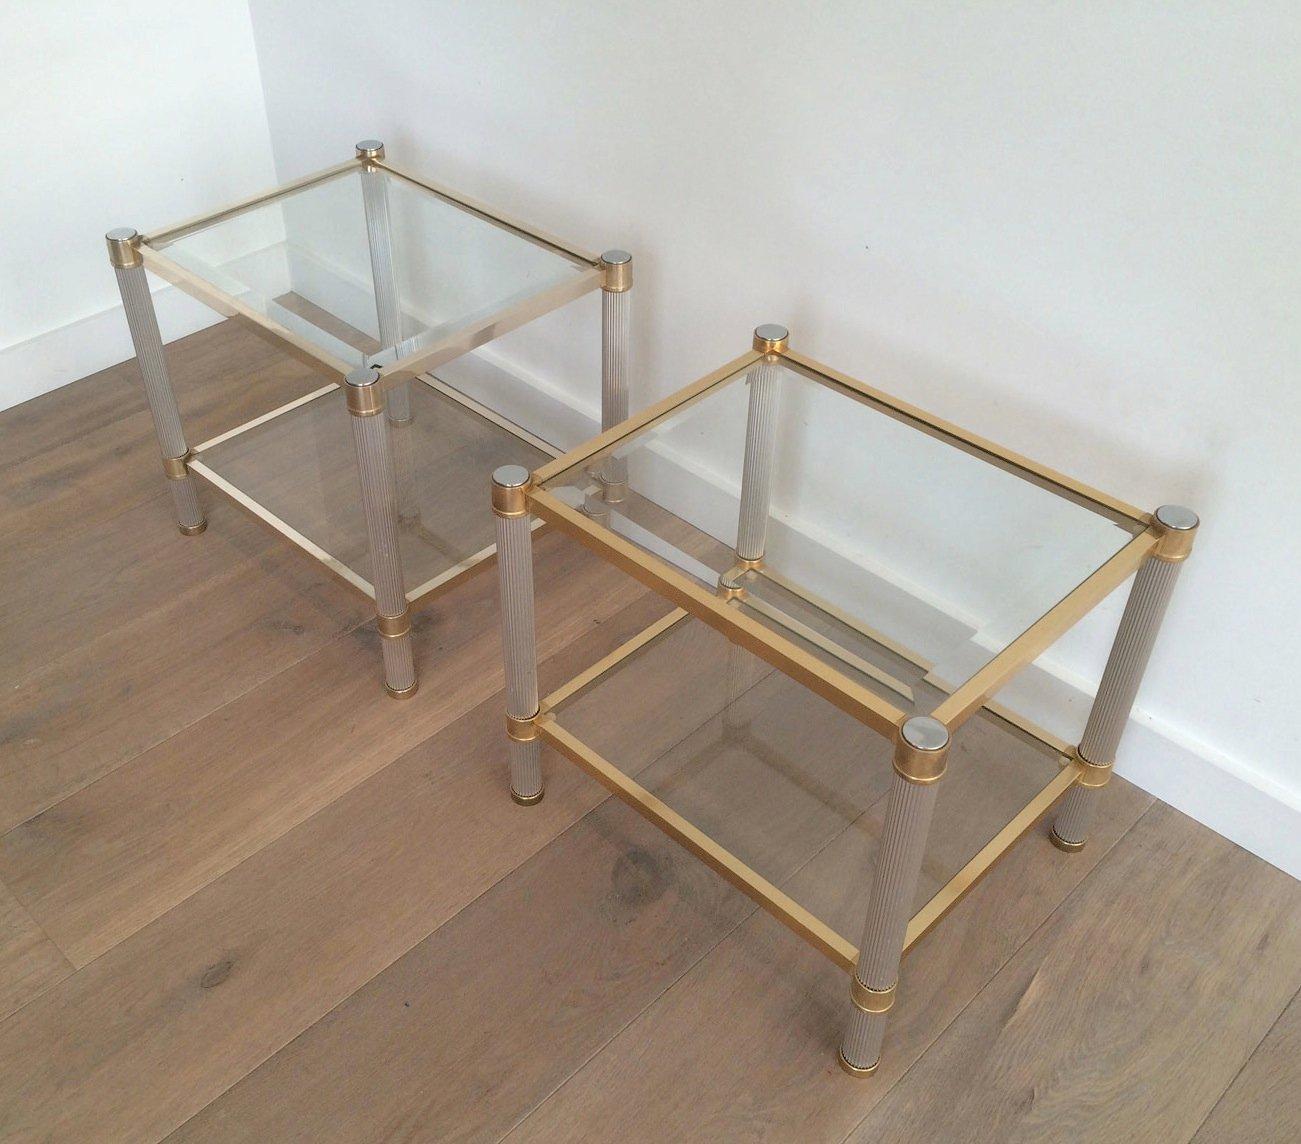 messing glas beistelltische von pierre vandel 2er set bei pamono kaufen. Black Bedroom Furniture Sets. Home Design Ideas